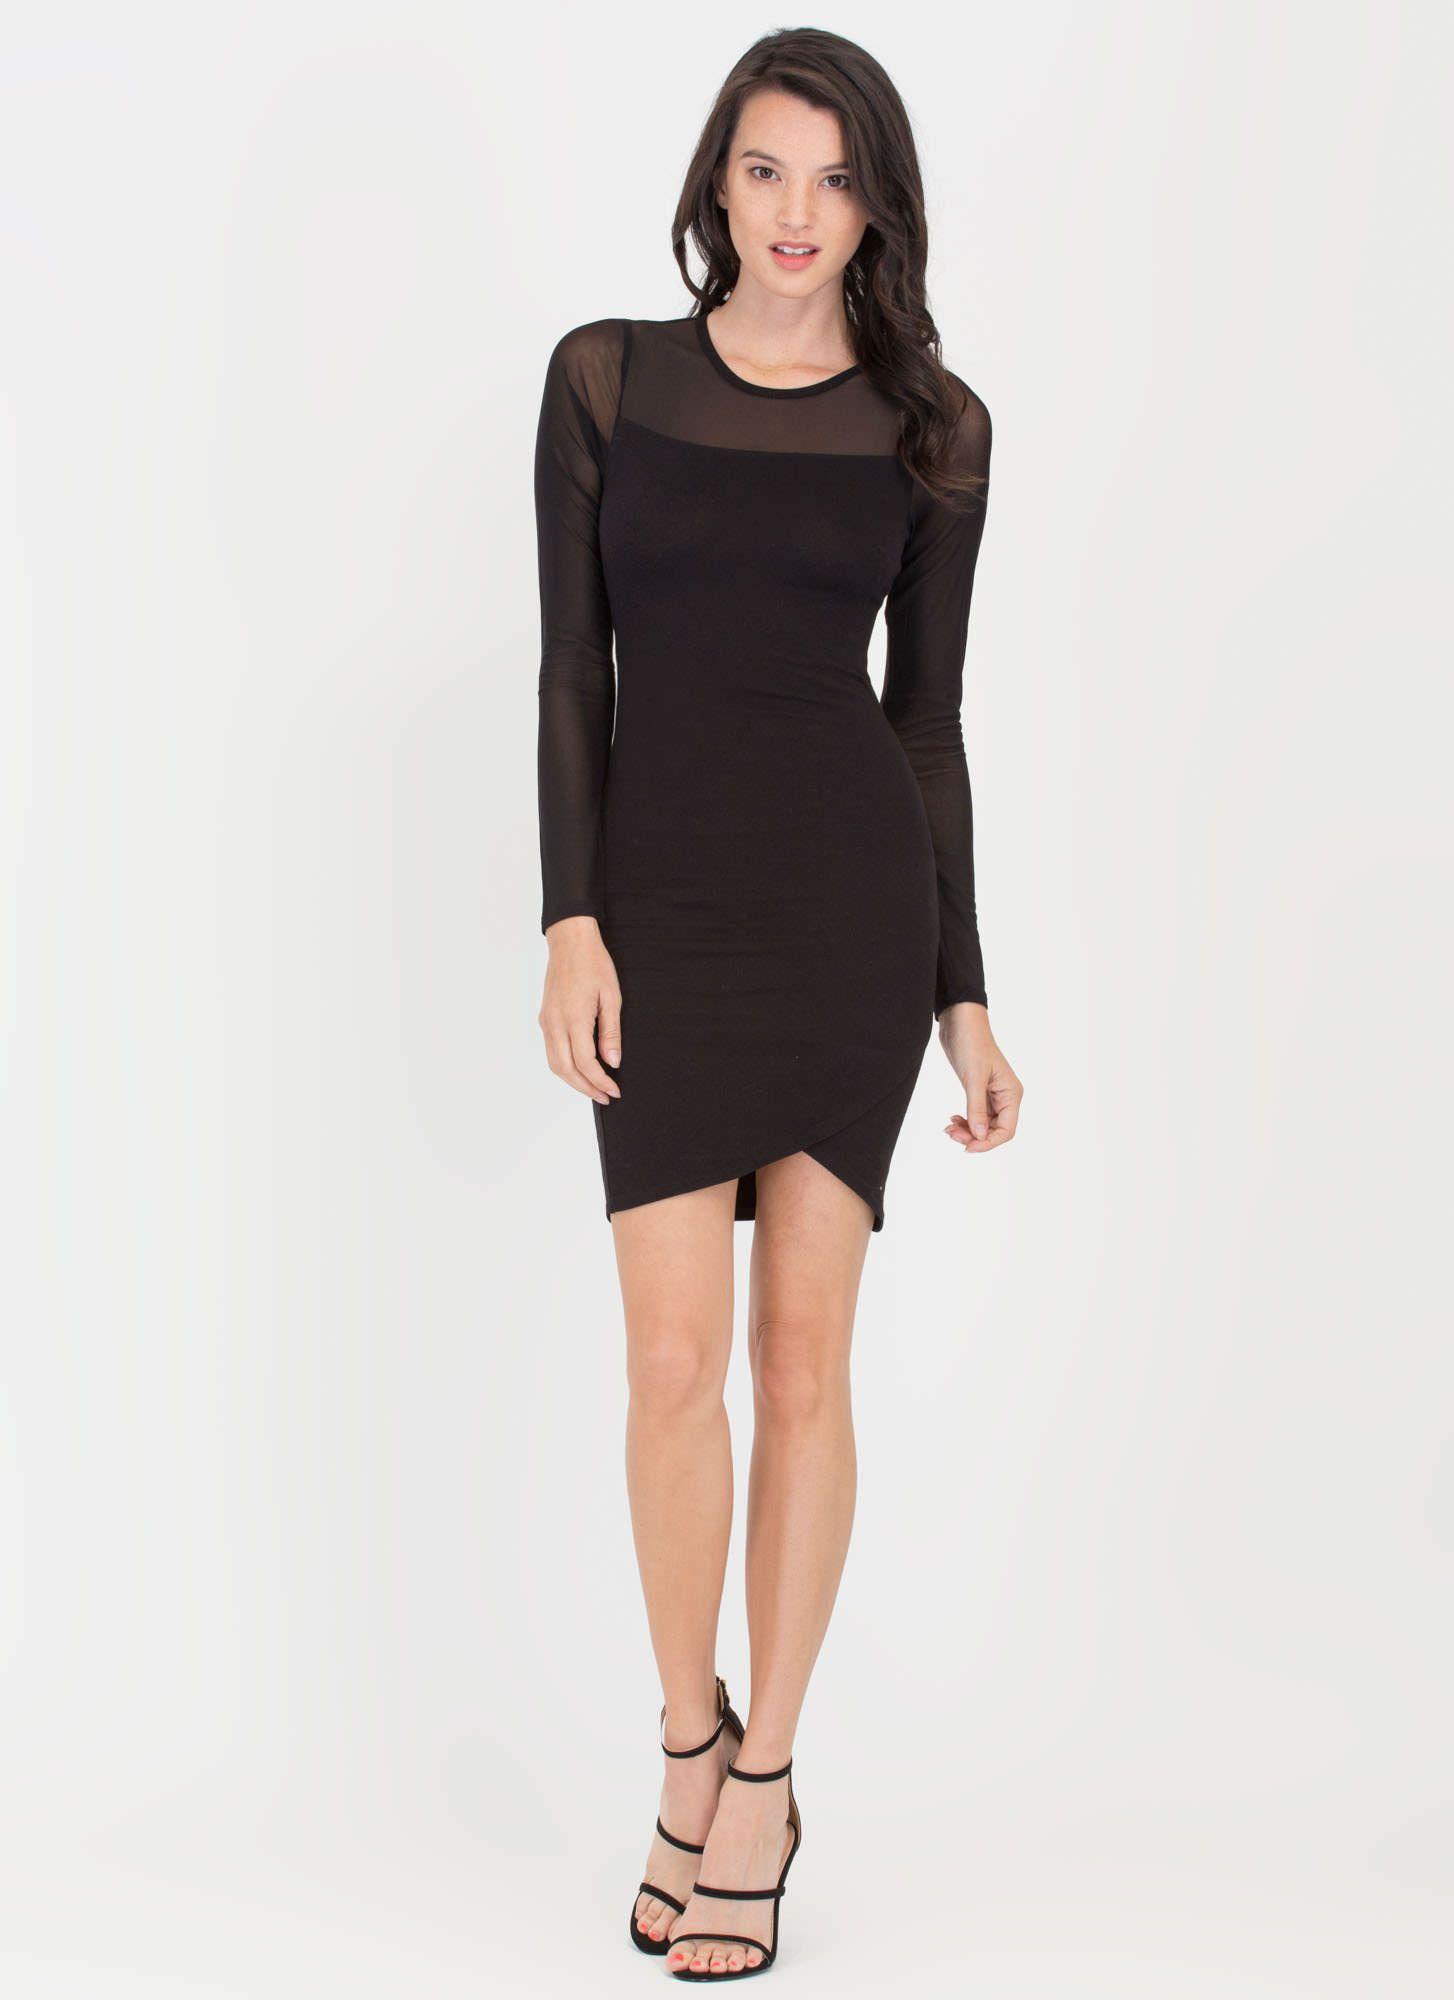 Sheer Bliss Mesh Tulip Hem Dress GoJane.com